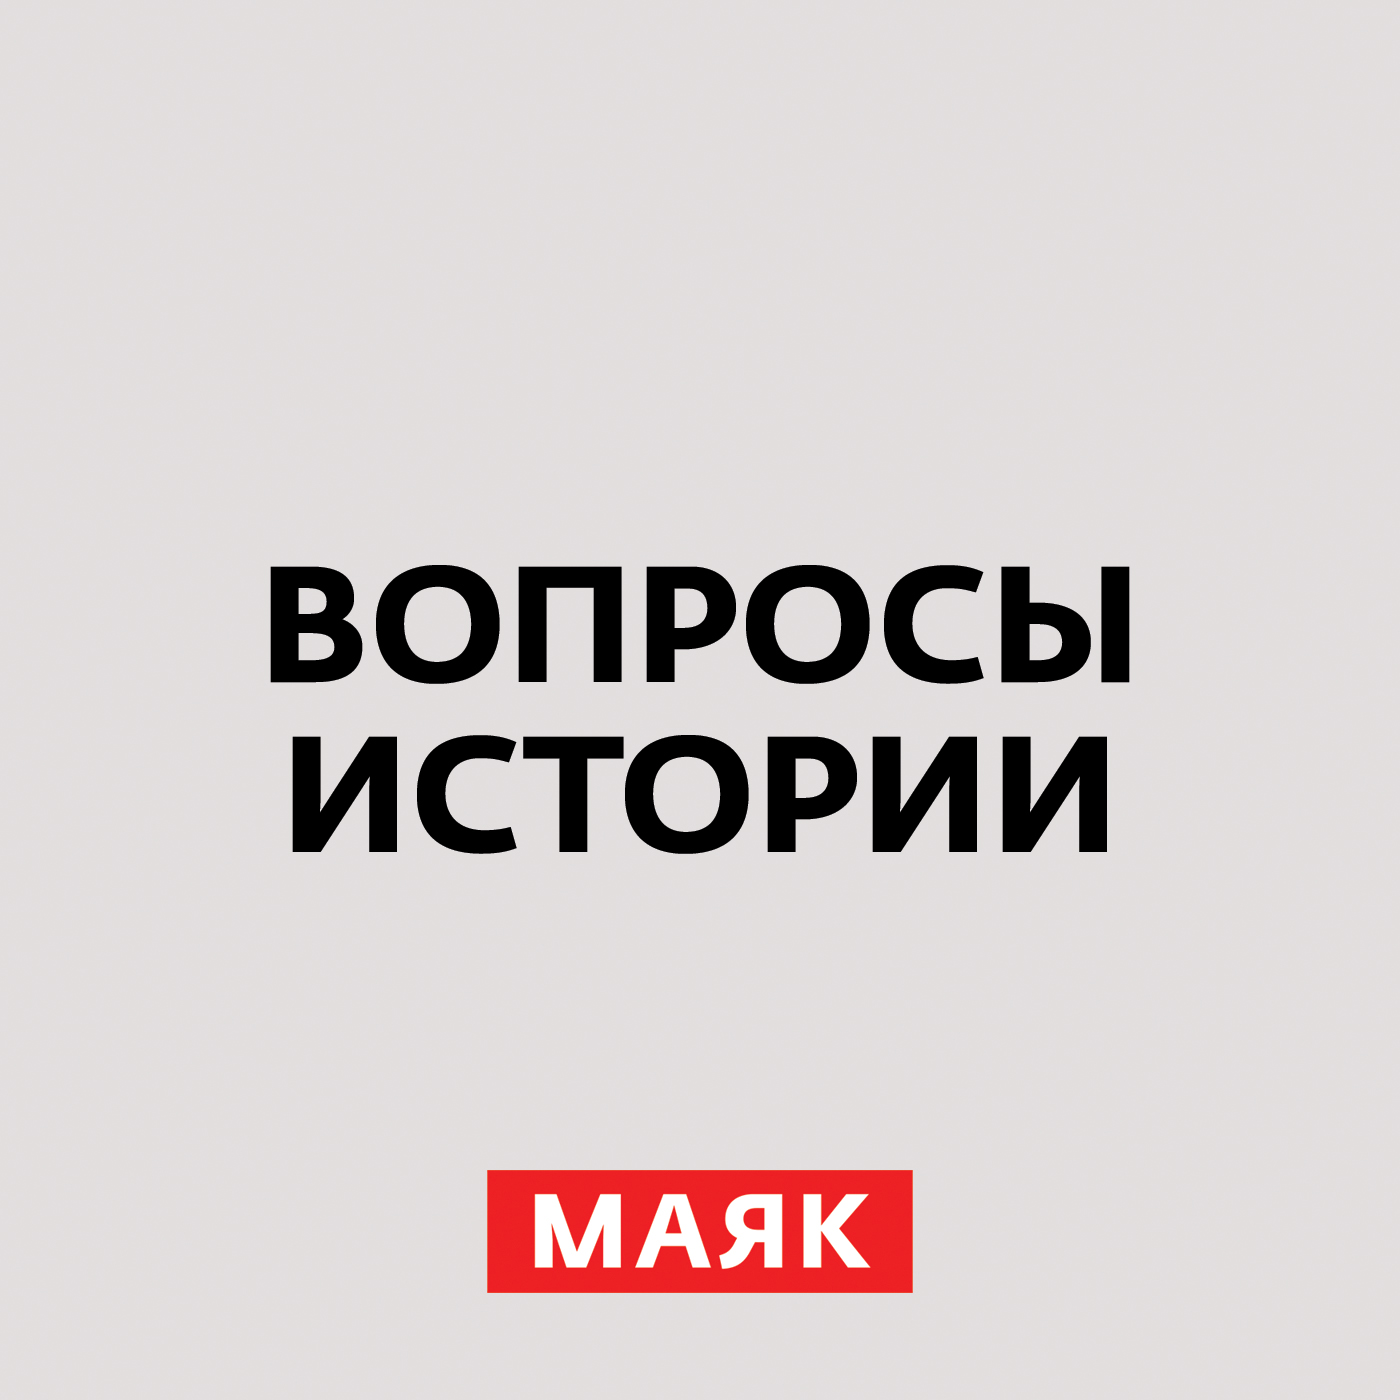 все цены на Андрей Светенко Встреча на Эльбе в осмыслении сегодняшнего дня. Часть 2 онлайн